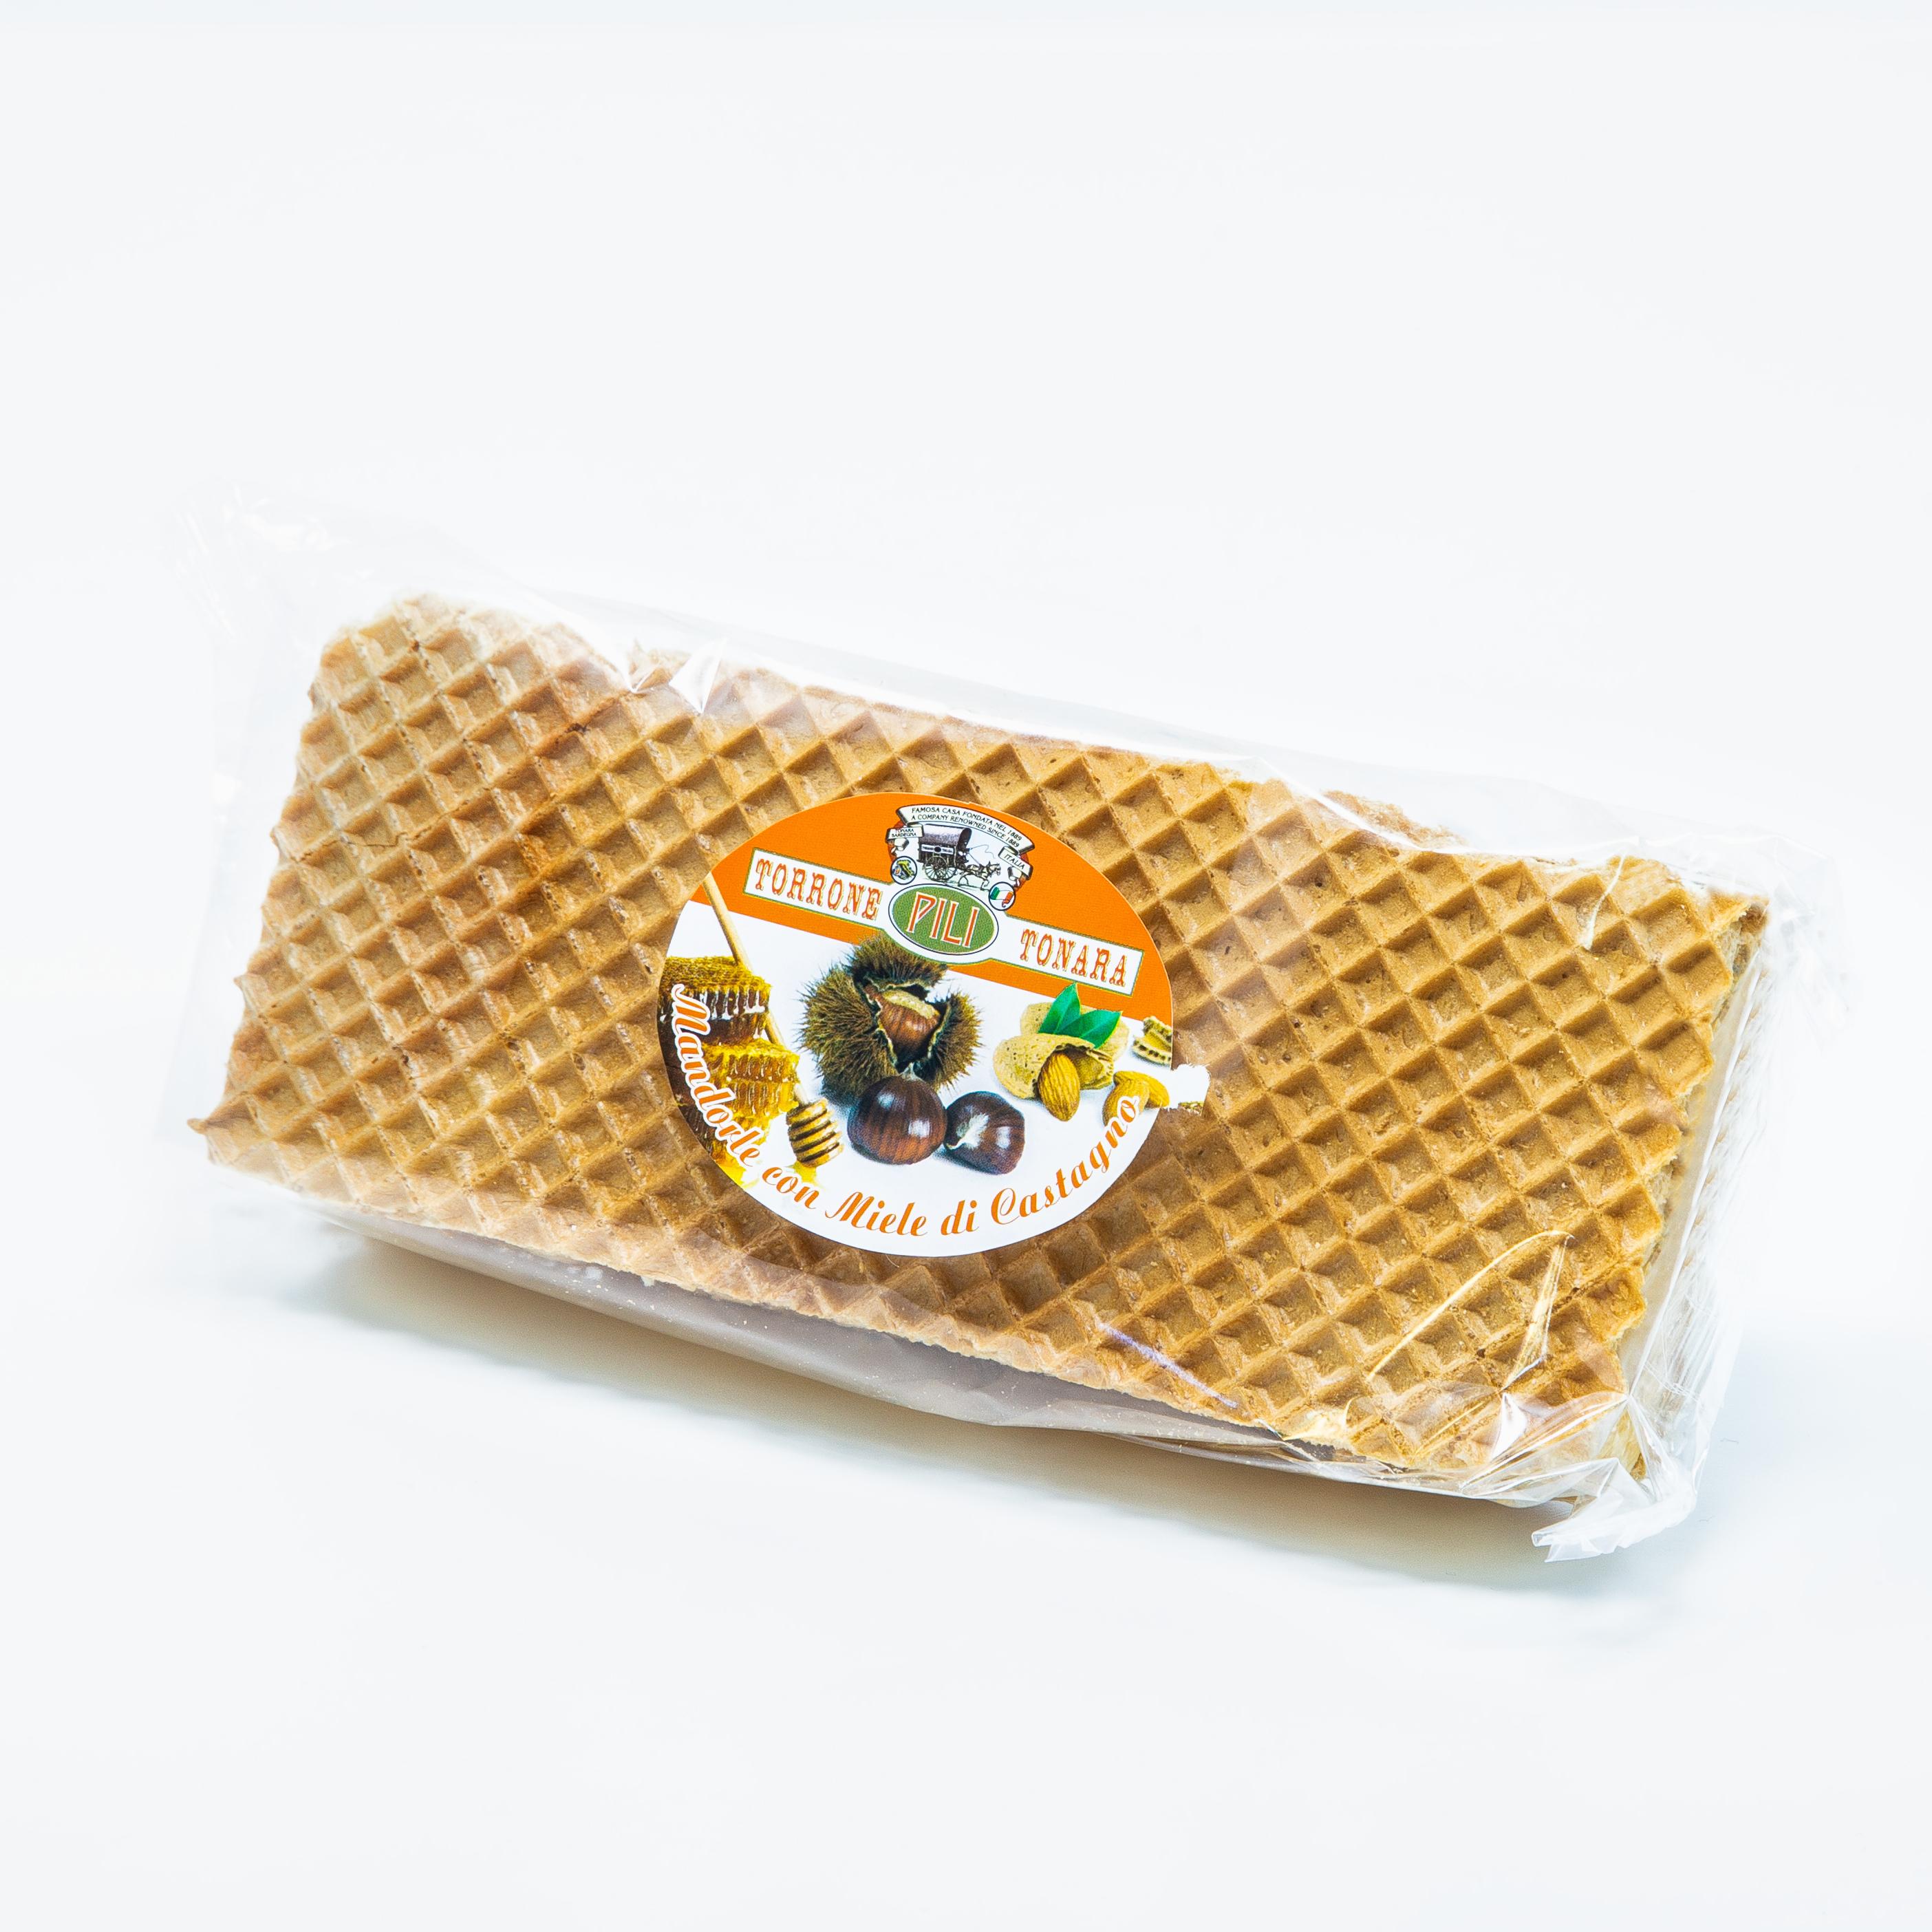 Stecca Torrone Mandorle al miele di castagno - 200 g